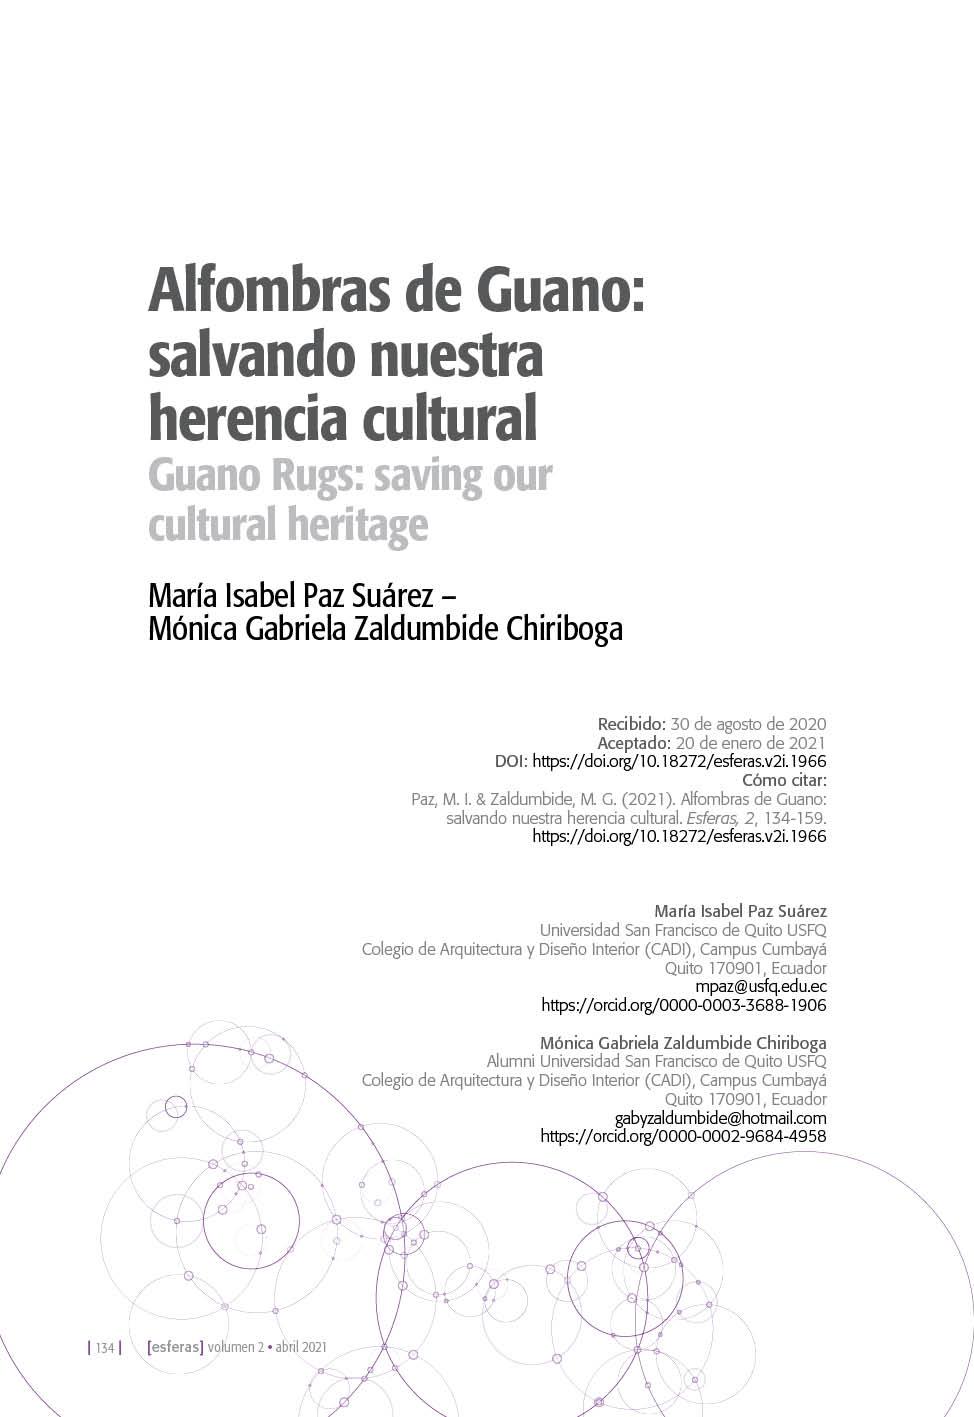 Alfombras de Guano: salvando nuestra herencia cultural